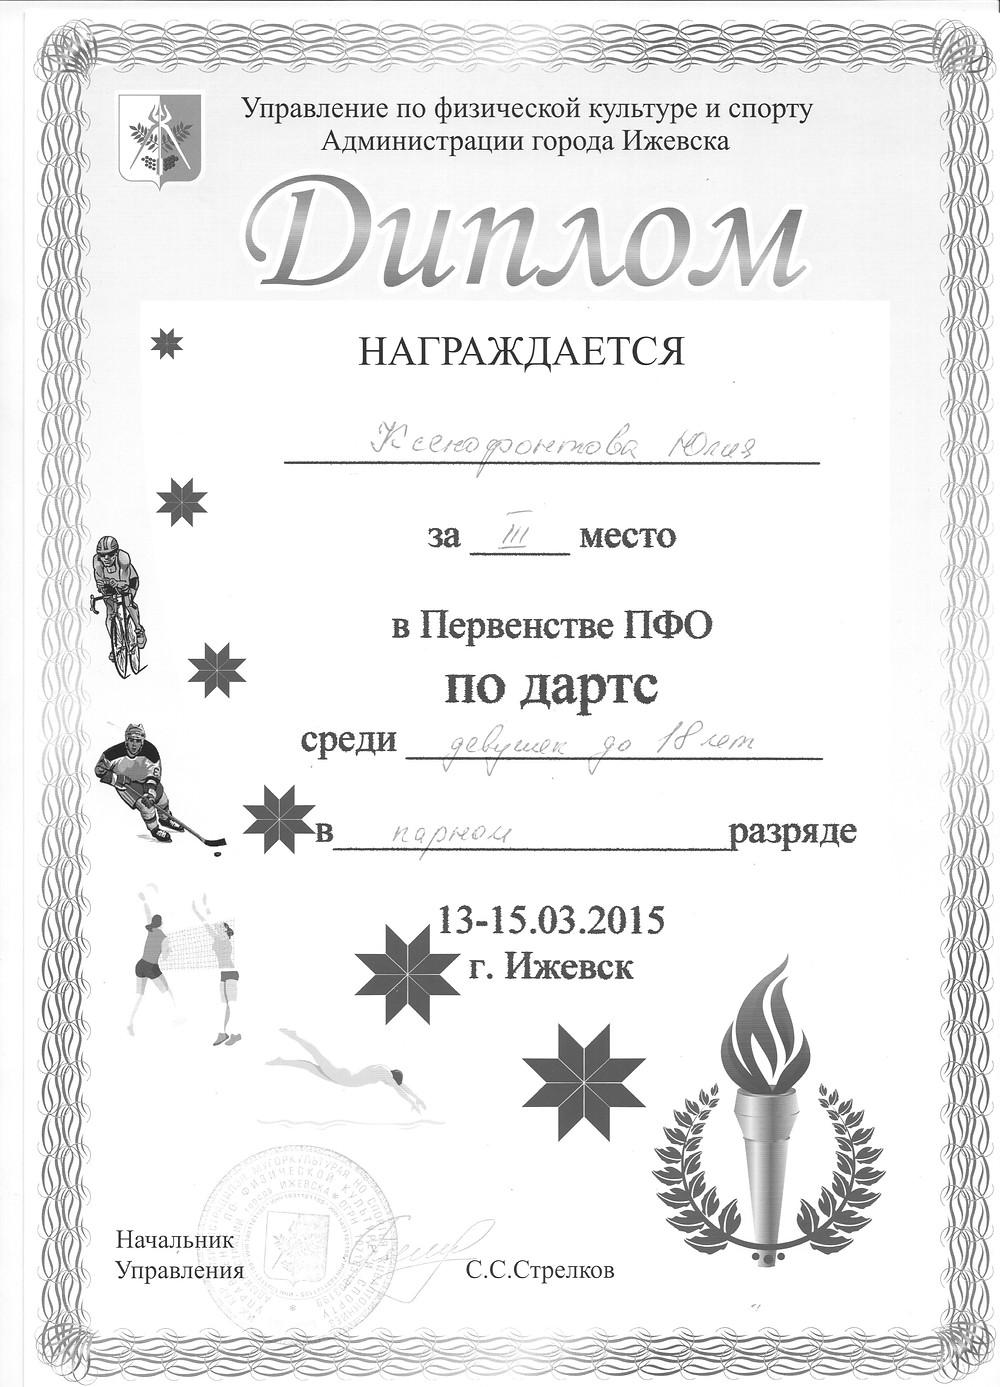 Ксенофонтова Юлия 3.jpg